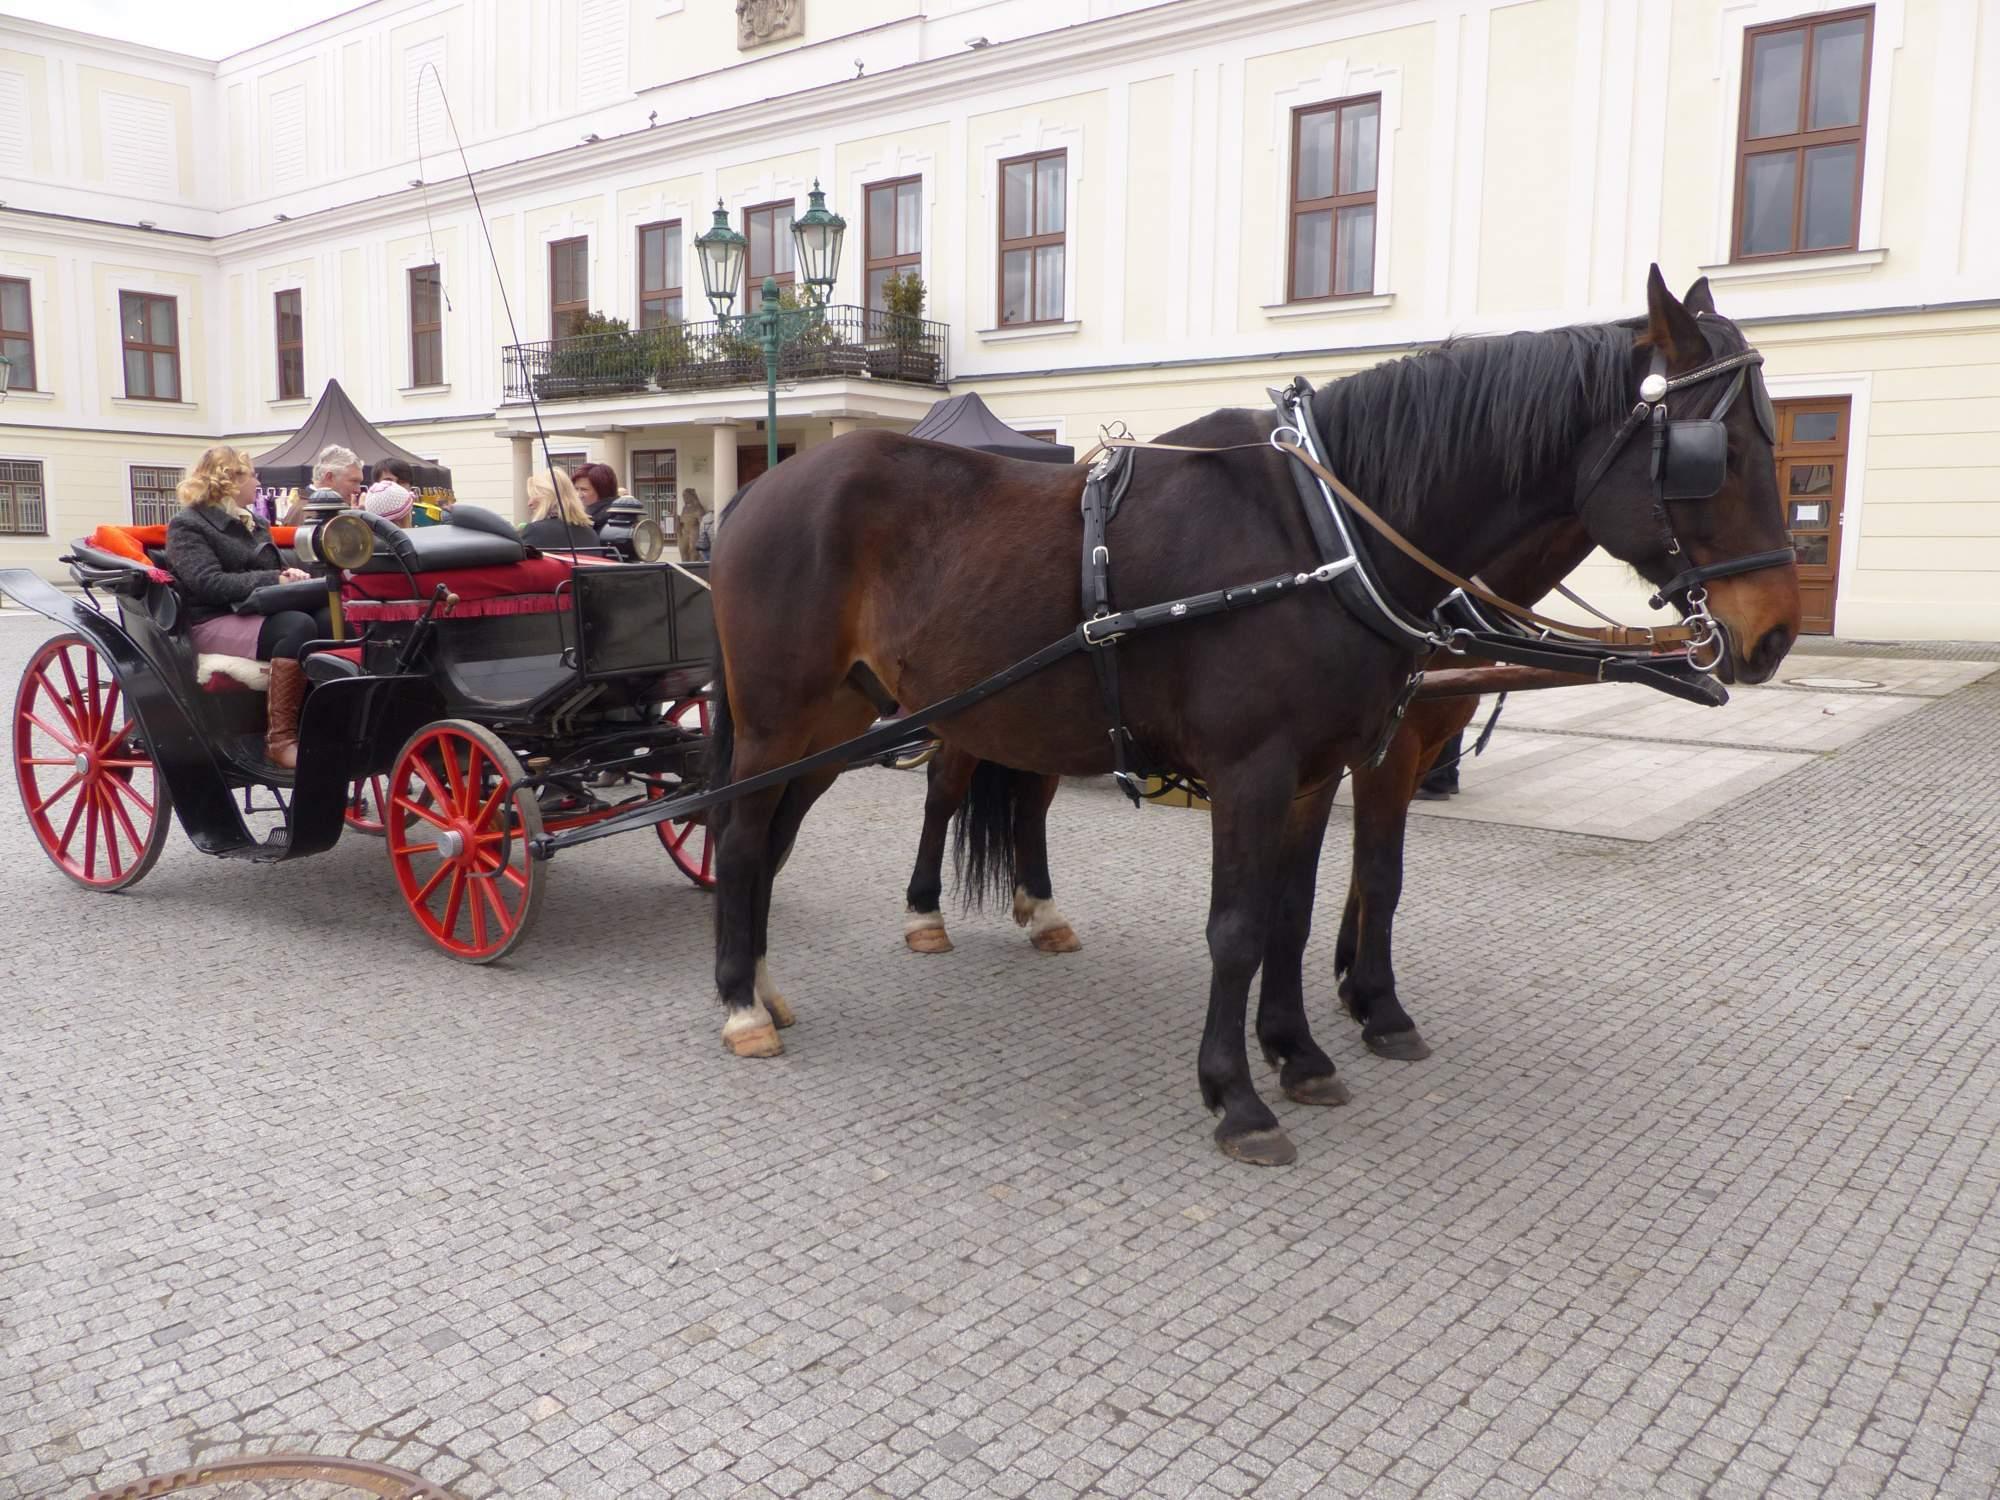 Zájemci se mohli projet kočárem zámeckými zahradami, foto: Natálie Kuzmová